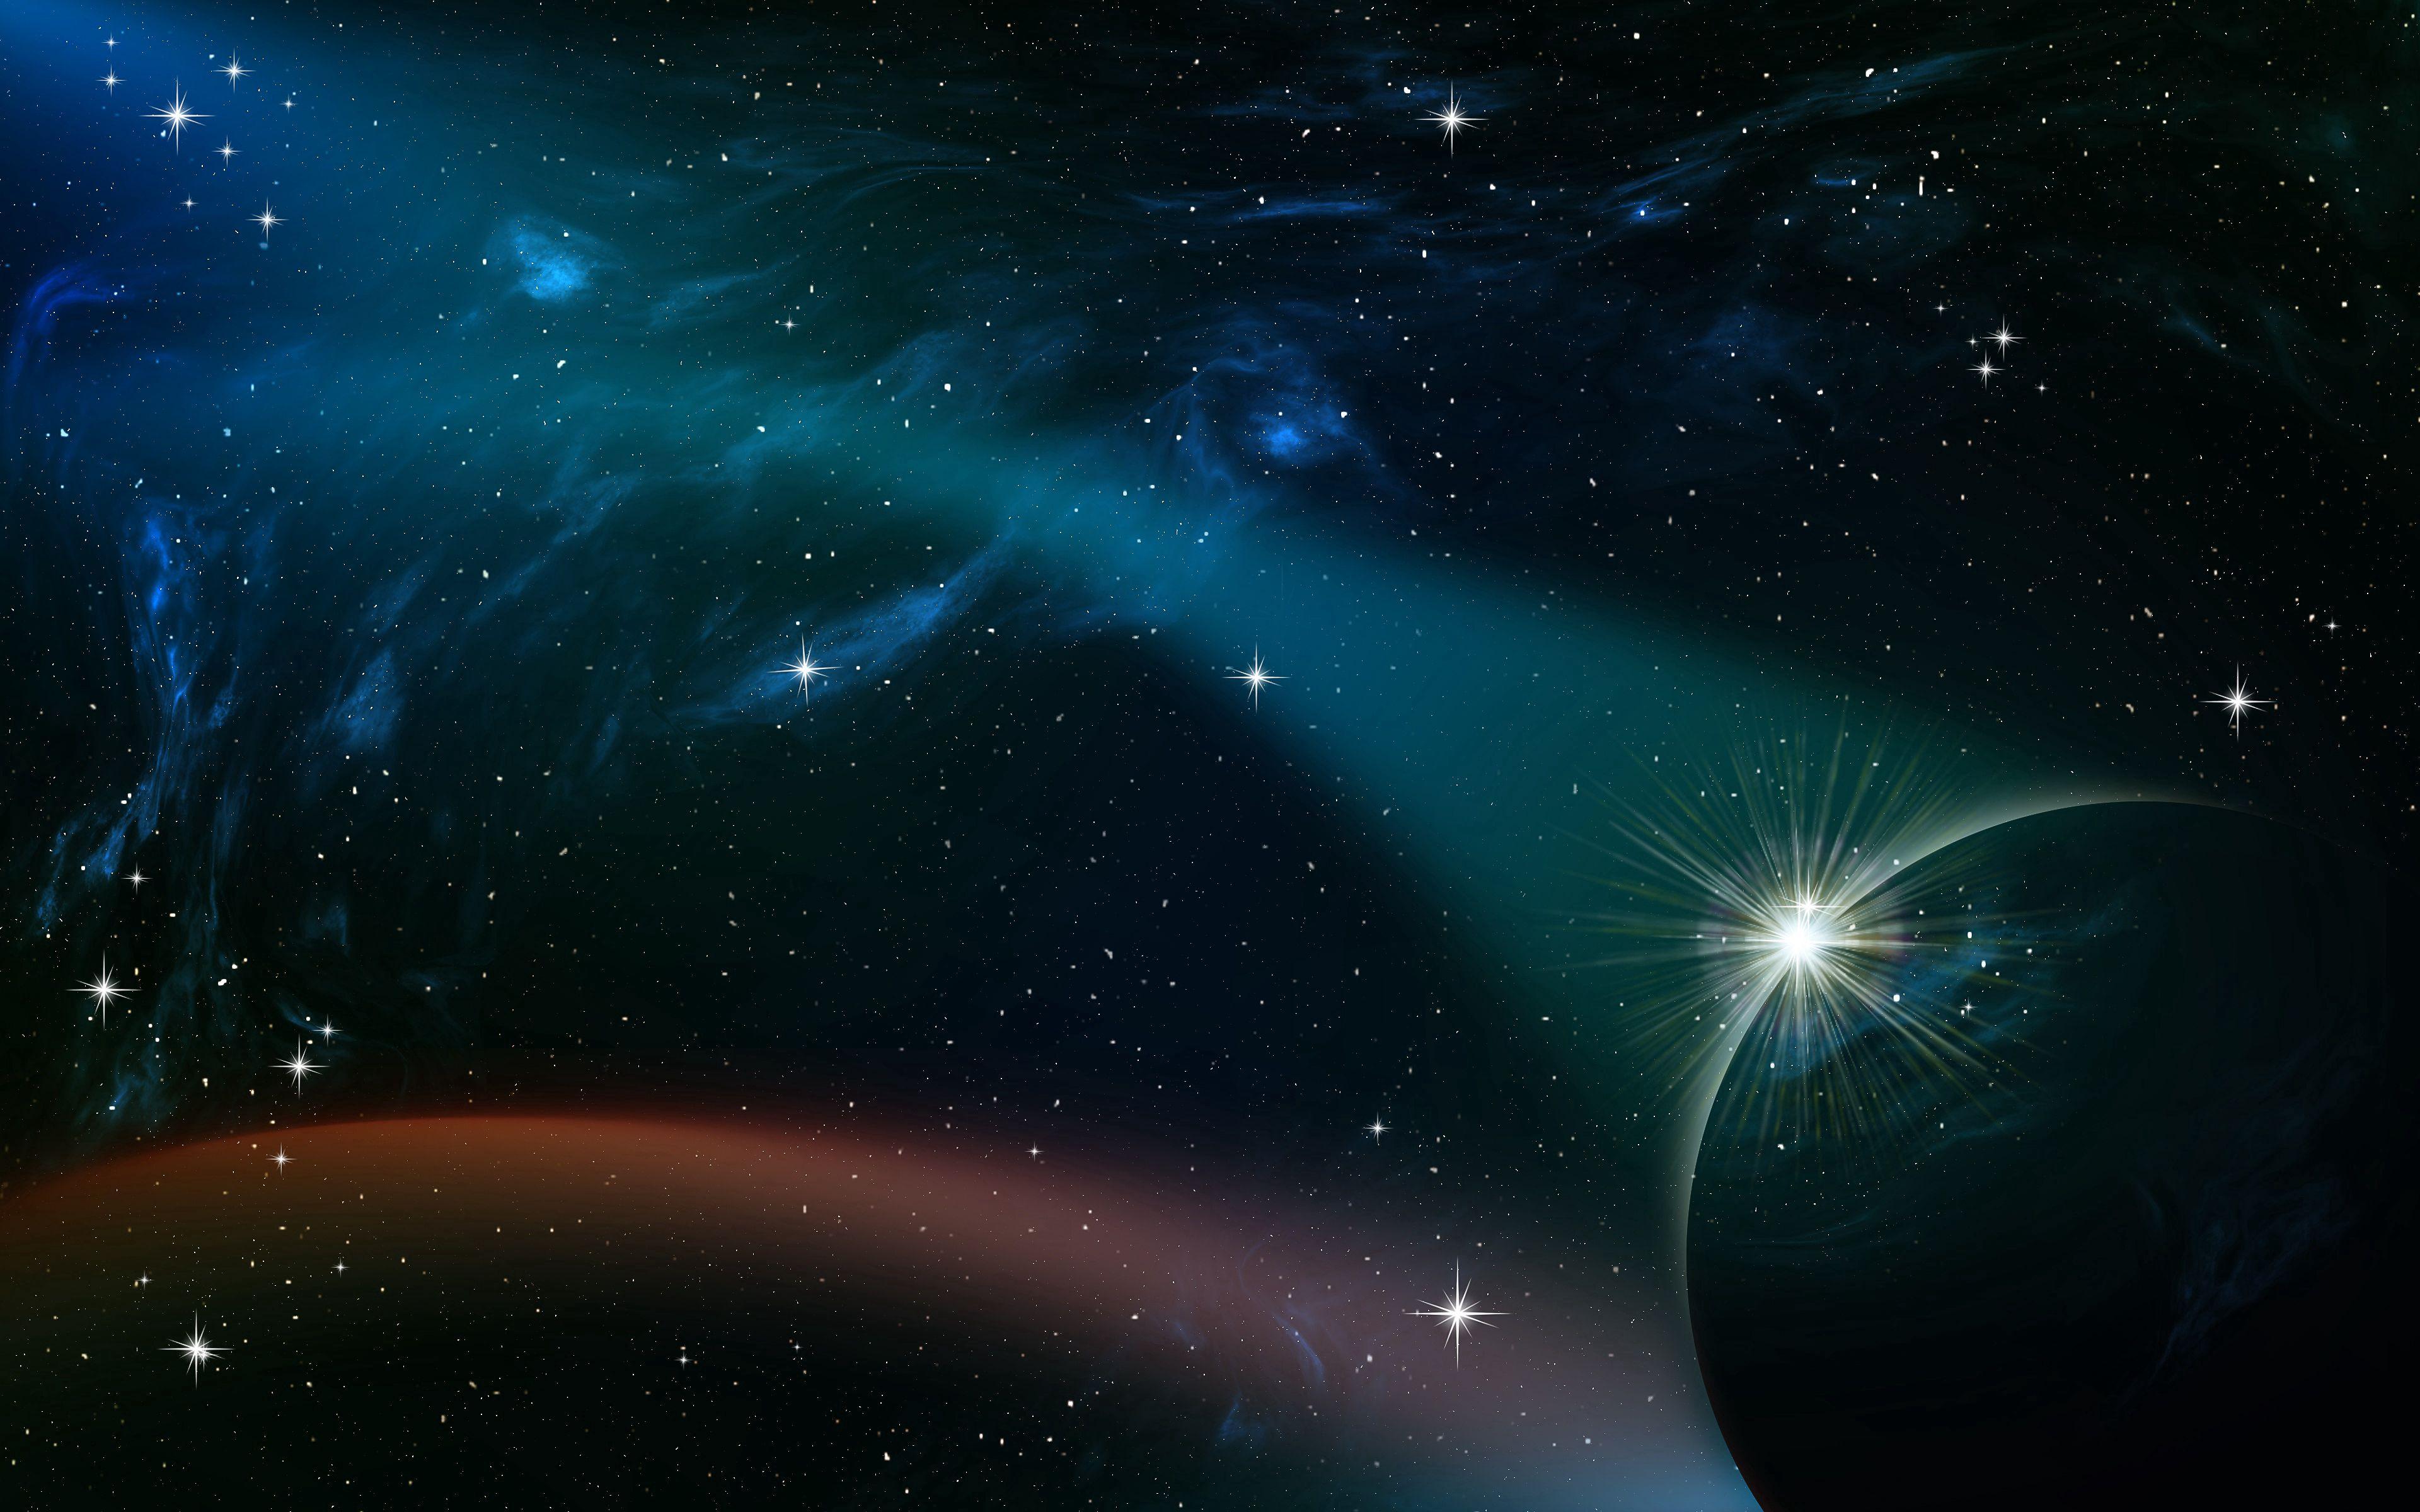 128209 скачать обои Планета, Сияние, Звездное Небо, Галактика, Вселенная, Звезды, Космос - заставки и картинки бесплатно